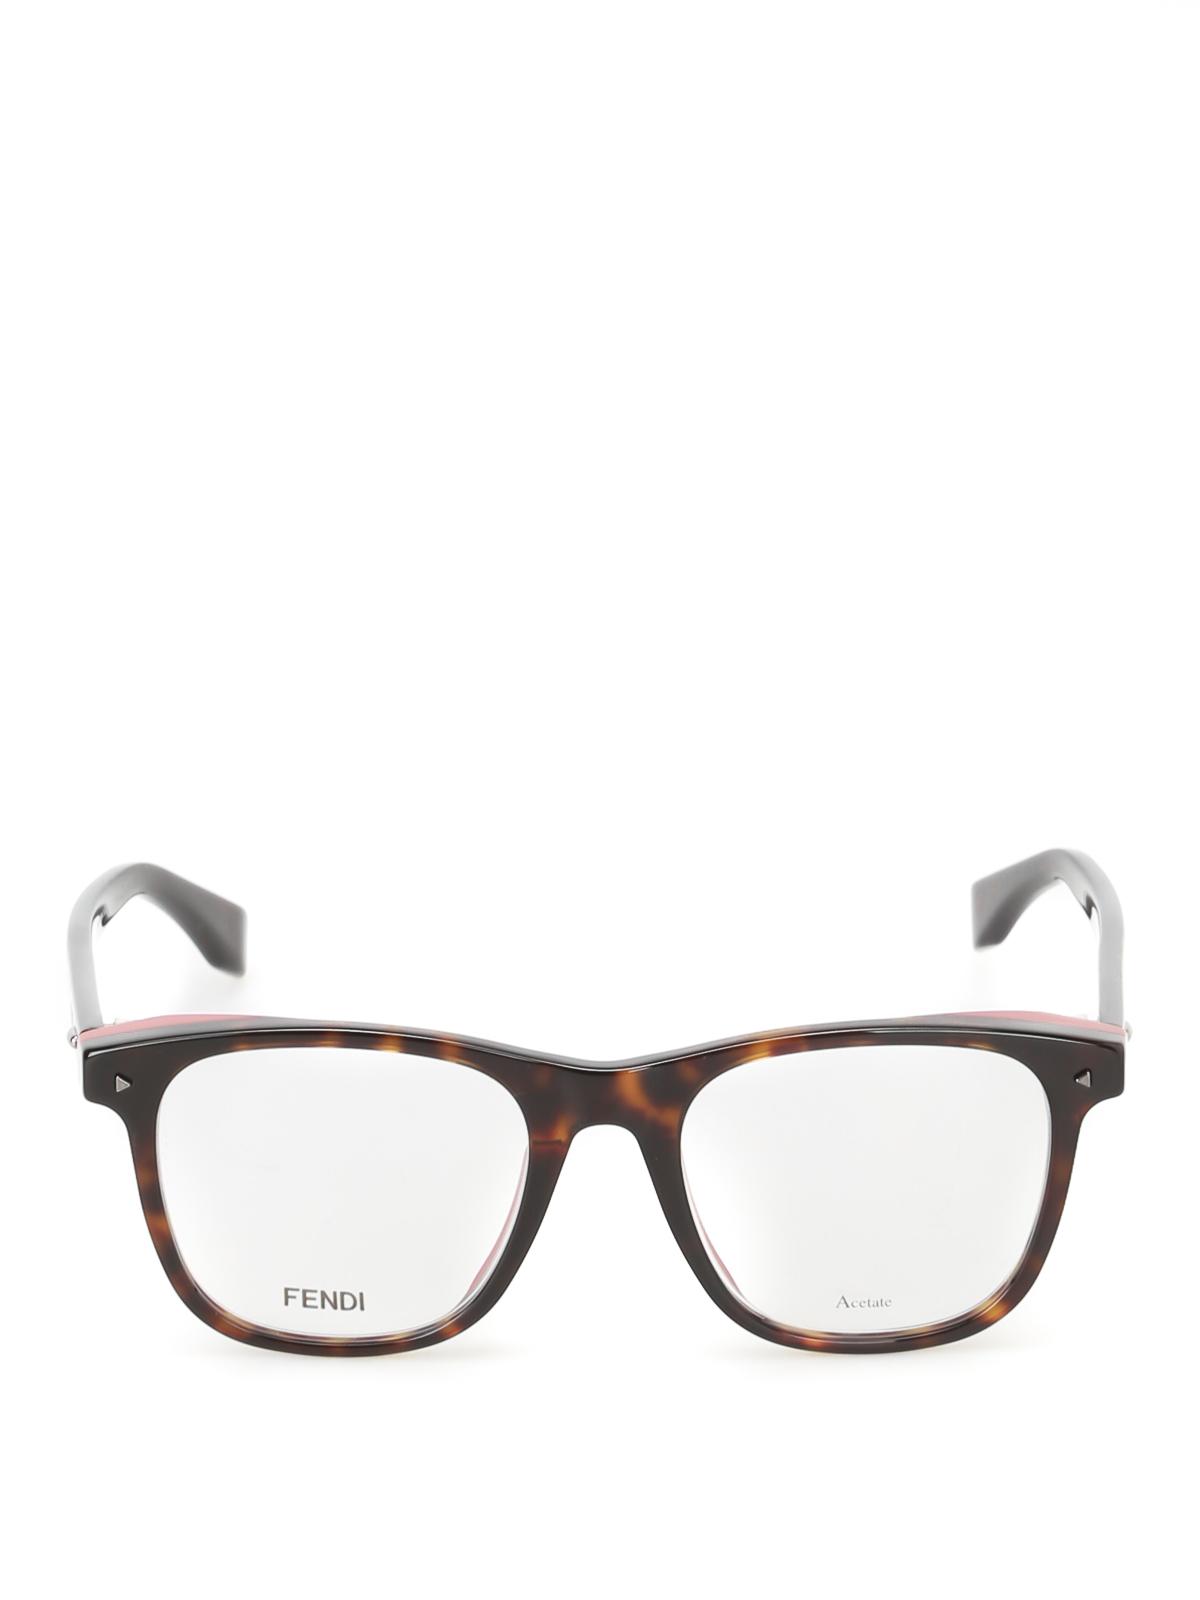 Brillen - Bunt von Fendi - Brillen | iKRIX